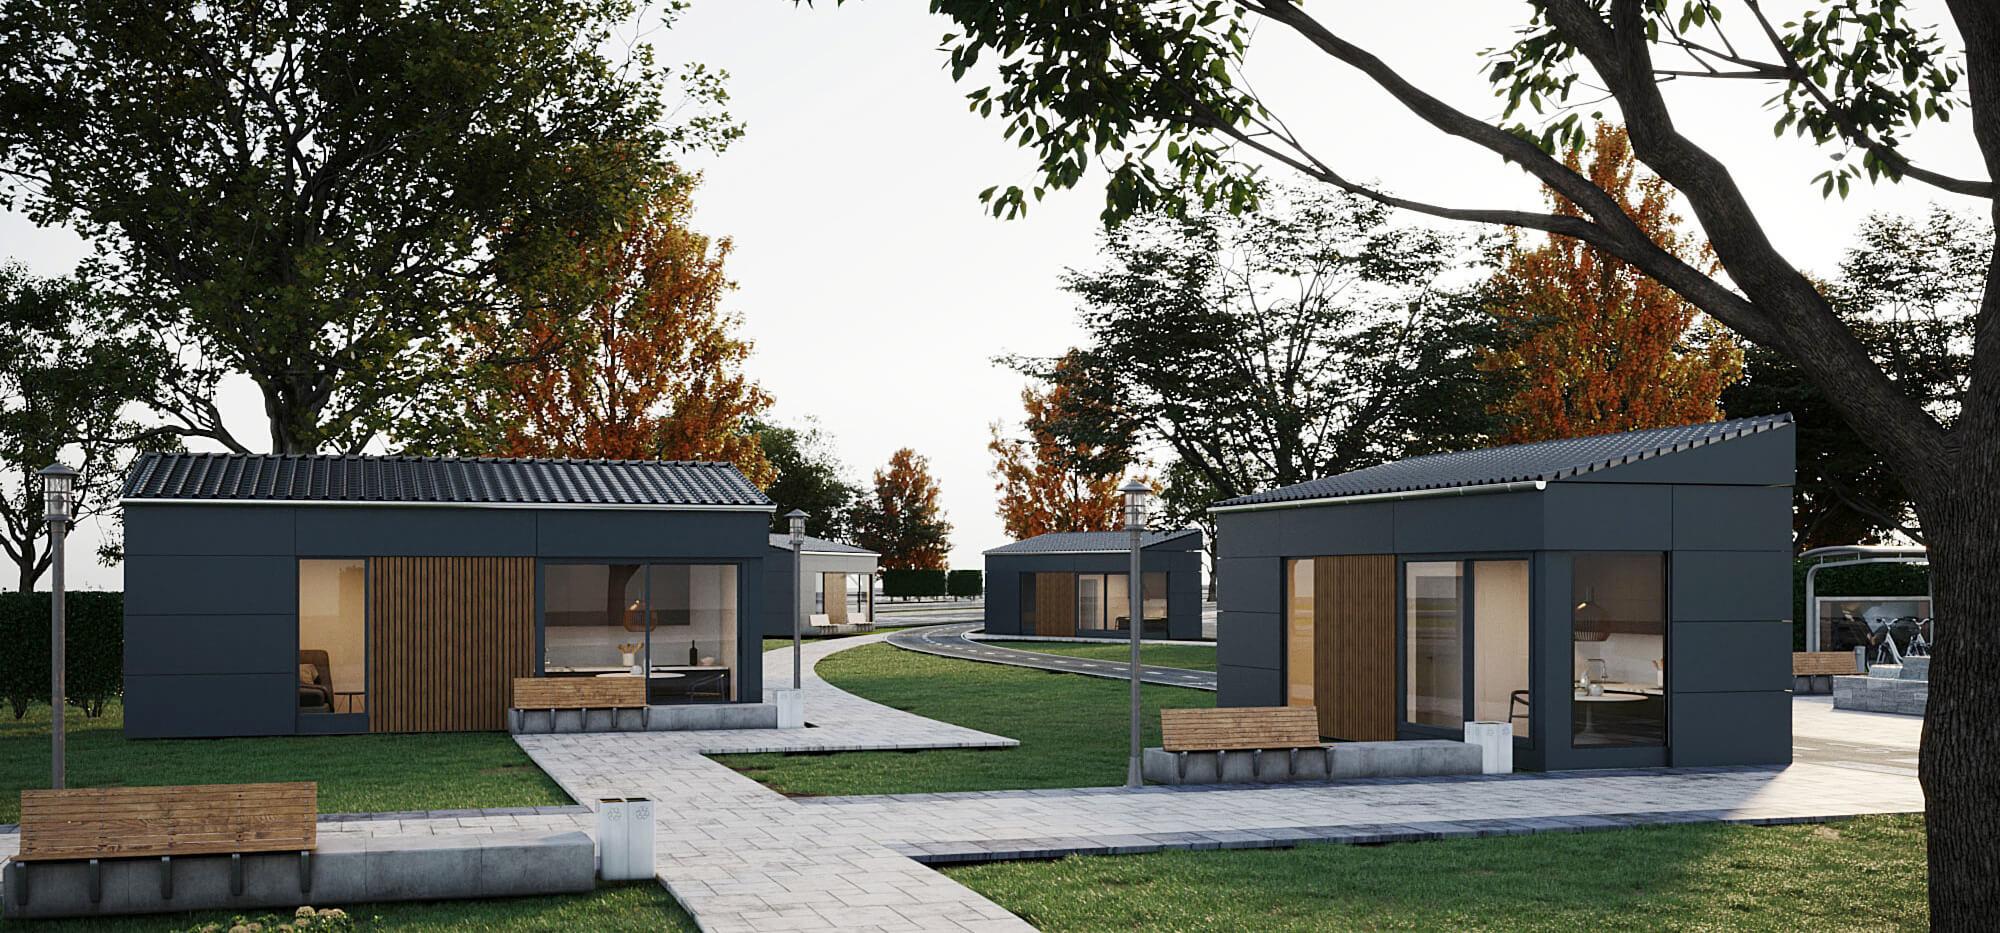 ejemplos de arquitectura sostenible